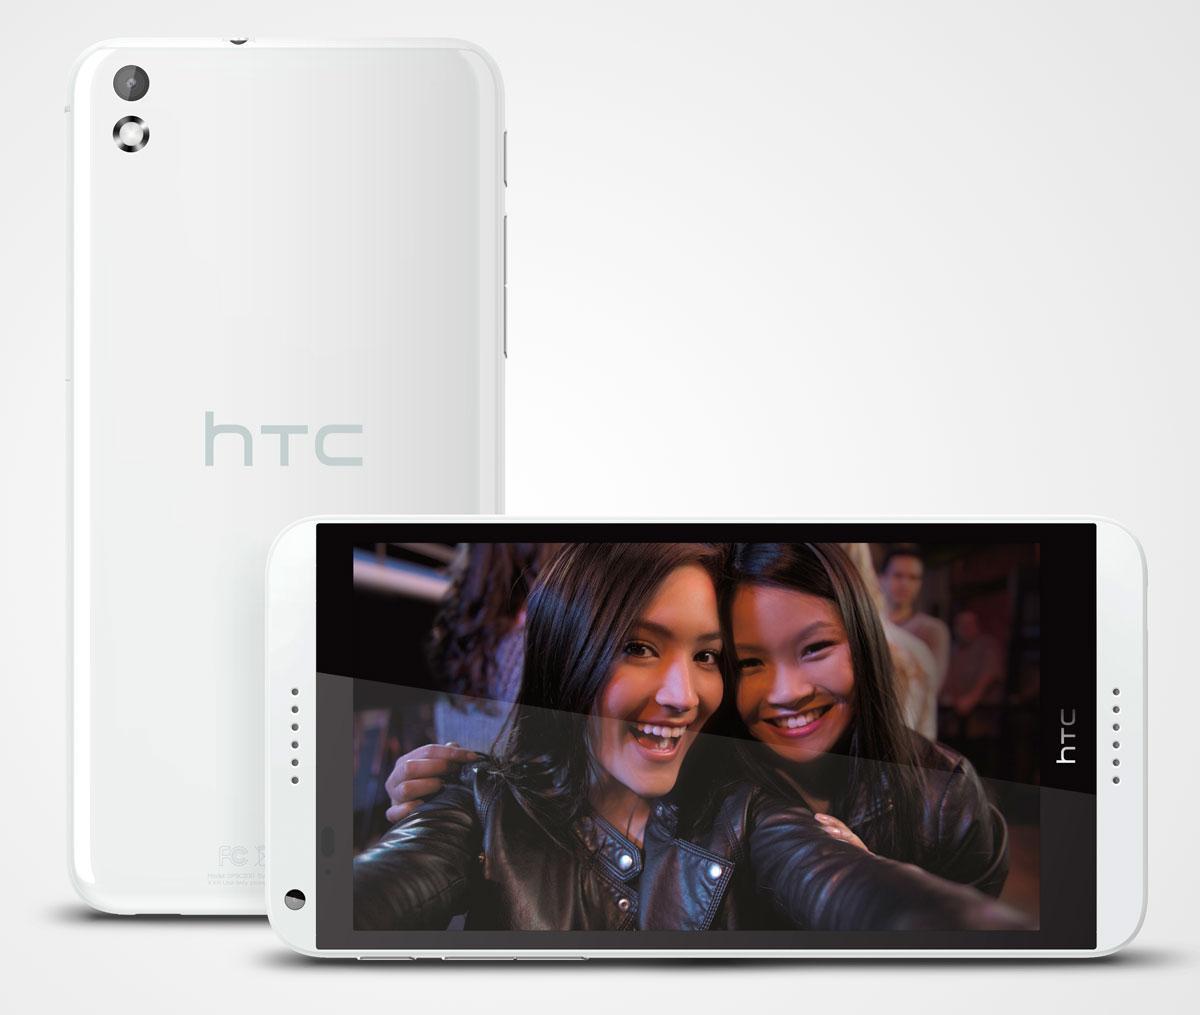 HTC Desire 816 en color blanco